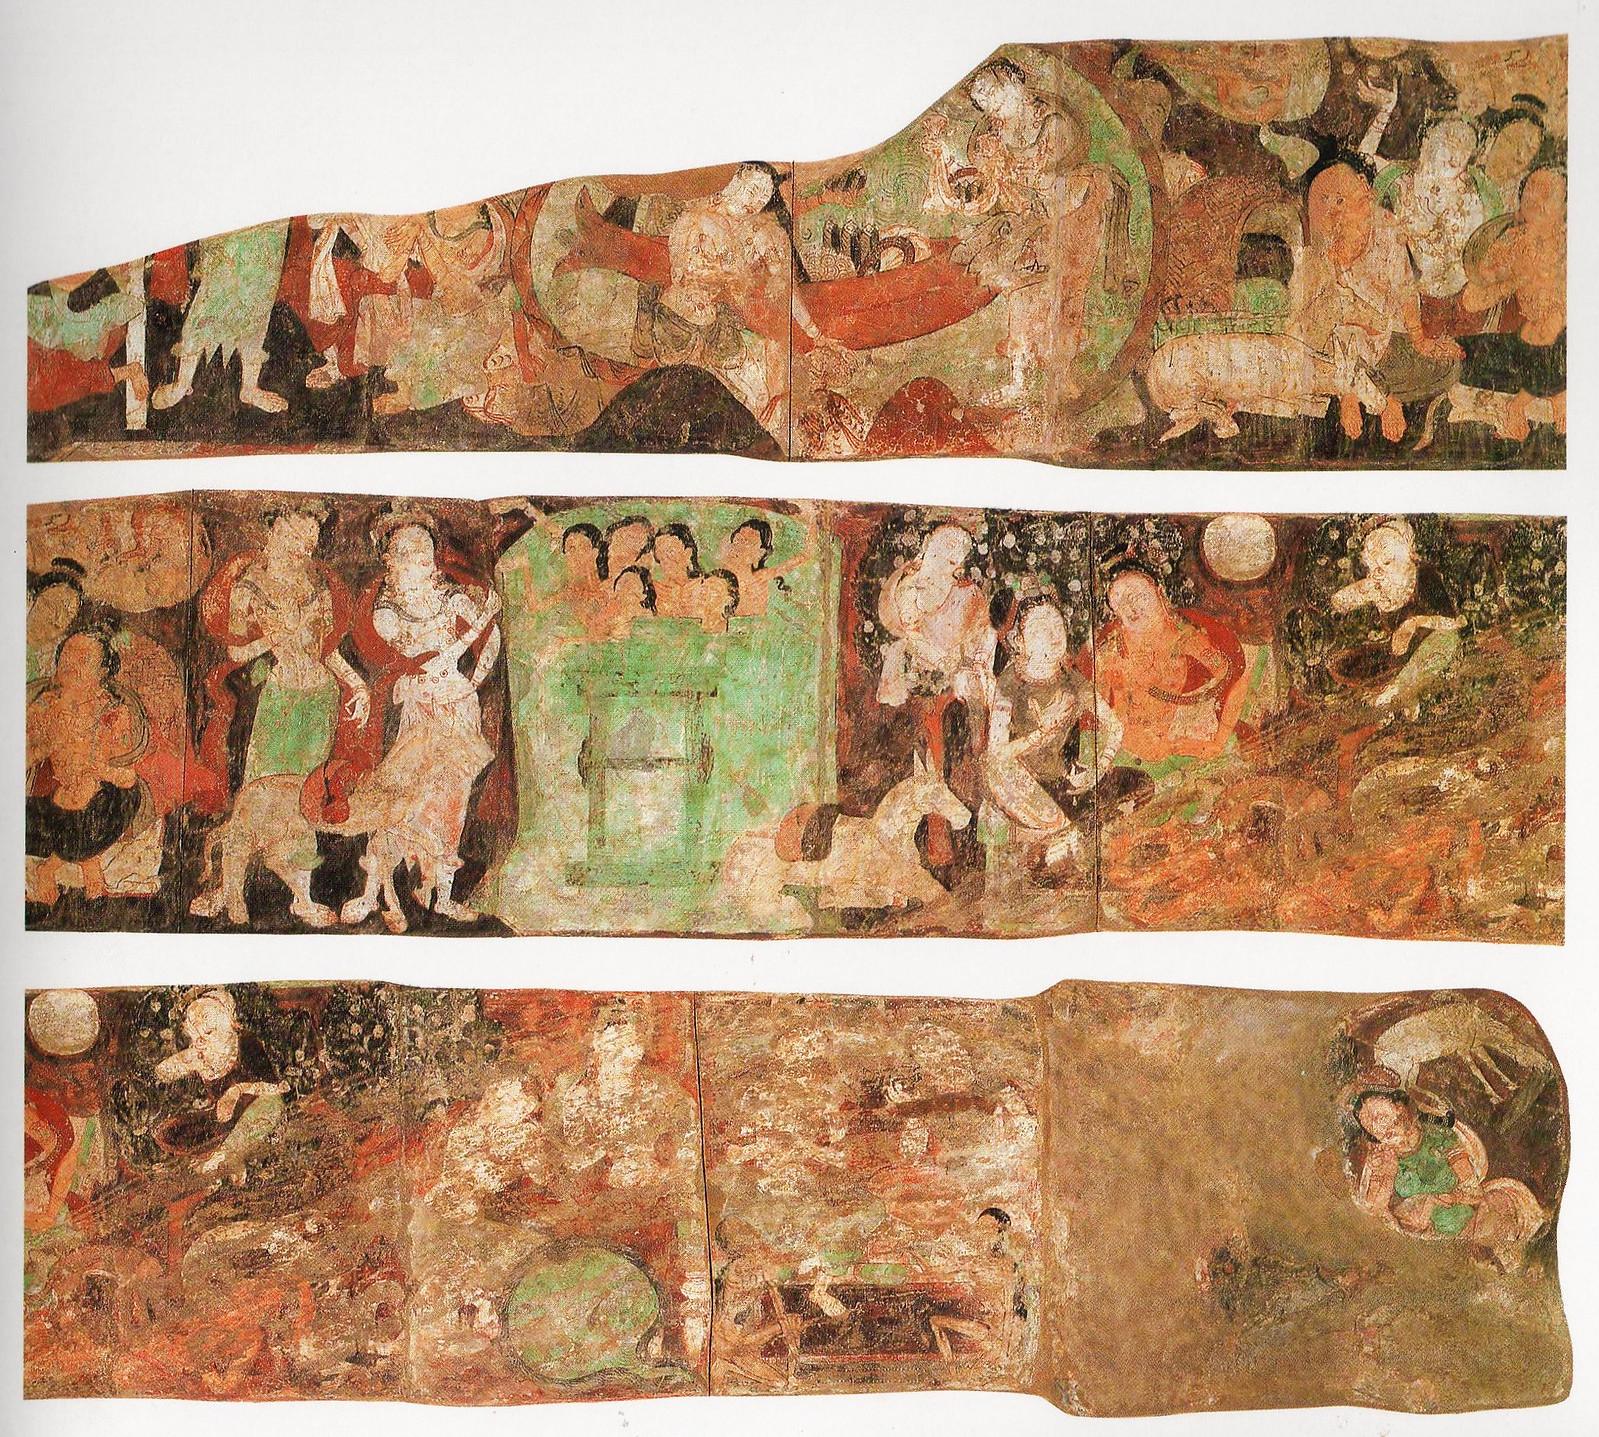 ドイツ隊が第212窟より剥ぎ取り持ち帰った壁画の一部 (新疆ウイグル自治区文物管理委員会ほか編『中国石窟 キジル石窟』第3巻・平凡社1985より転載)